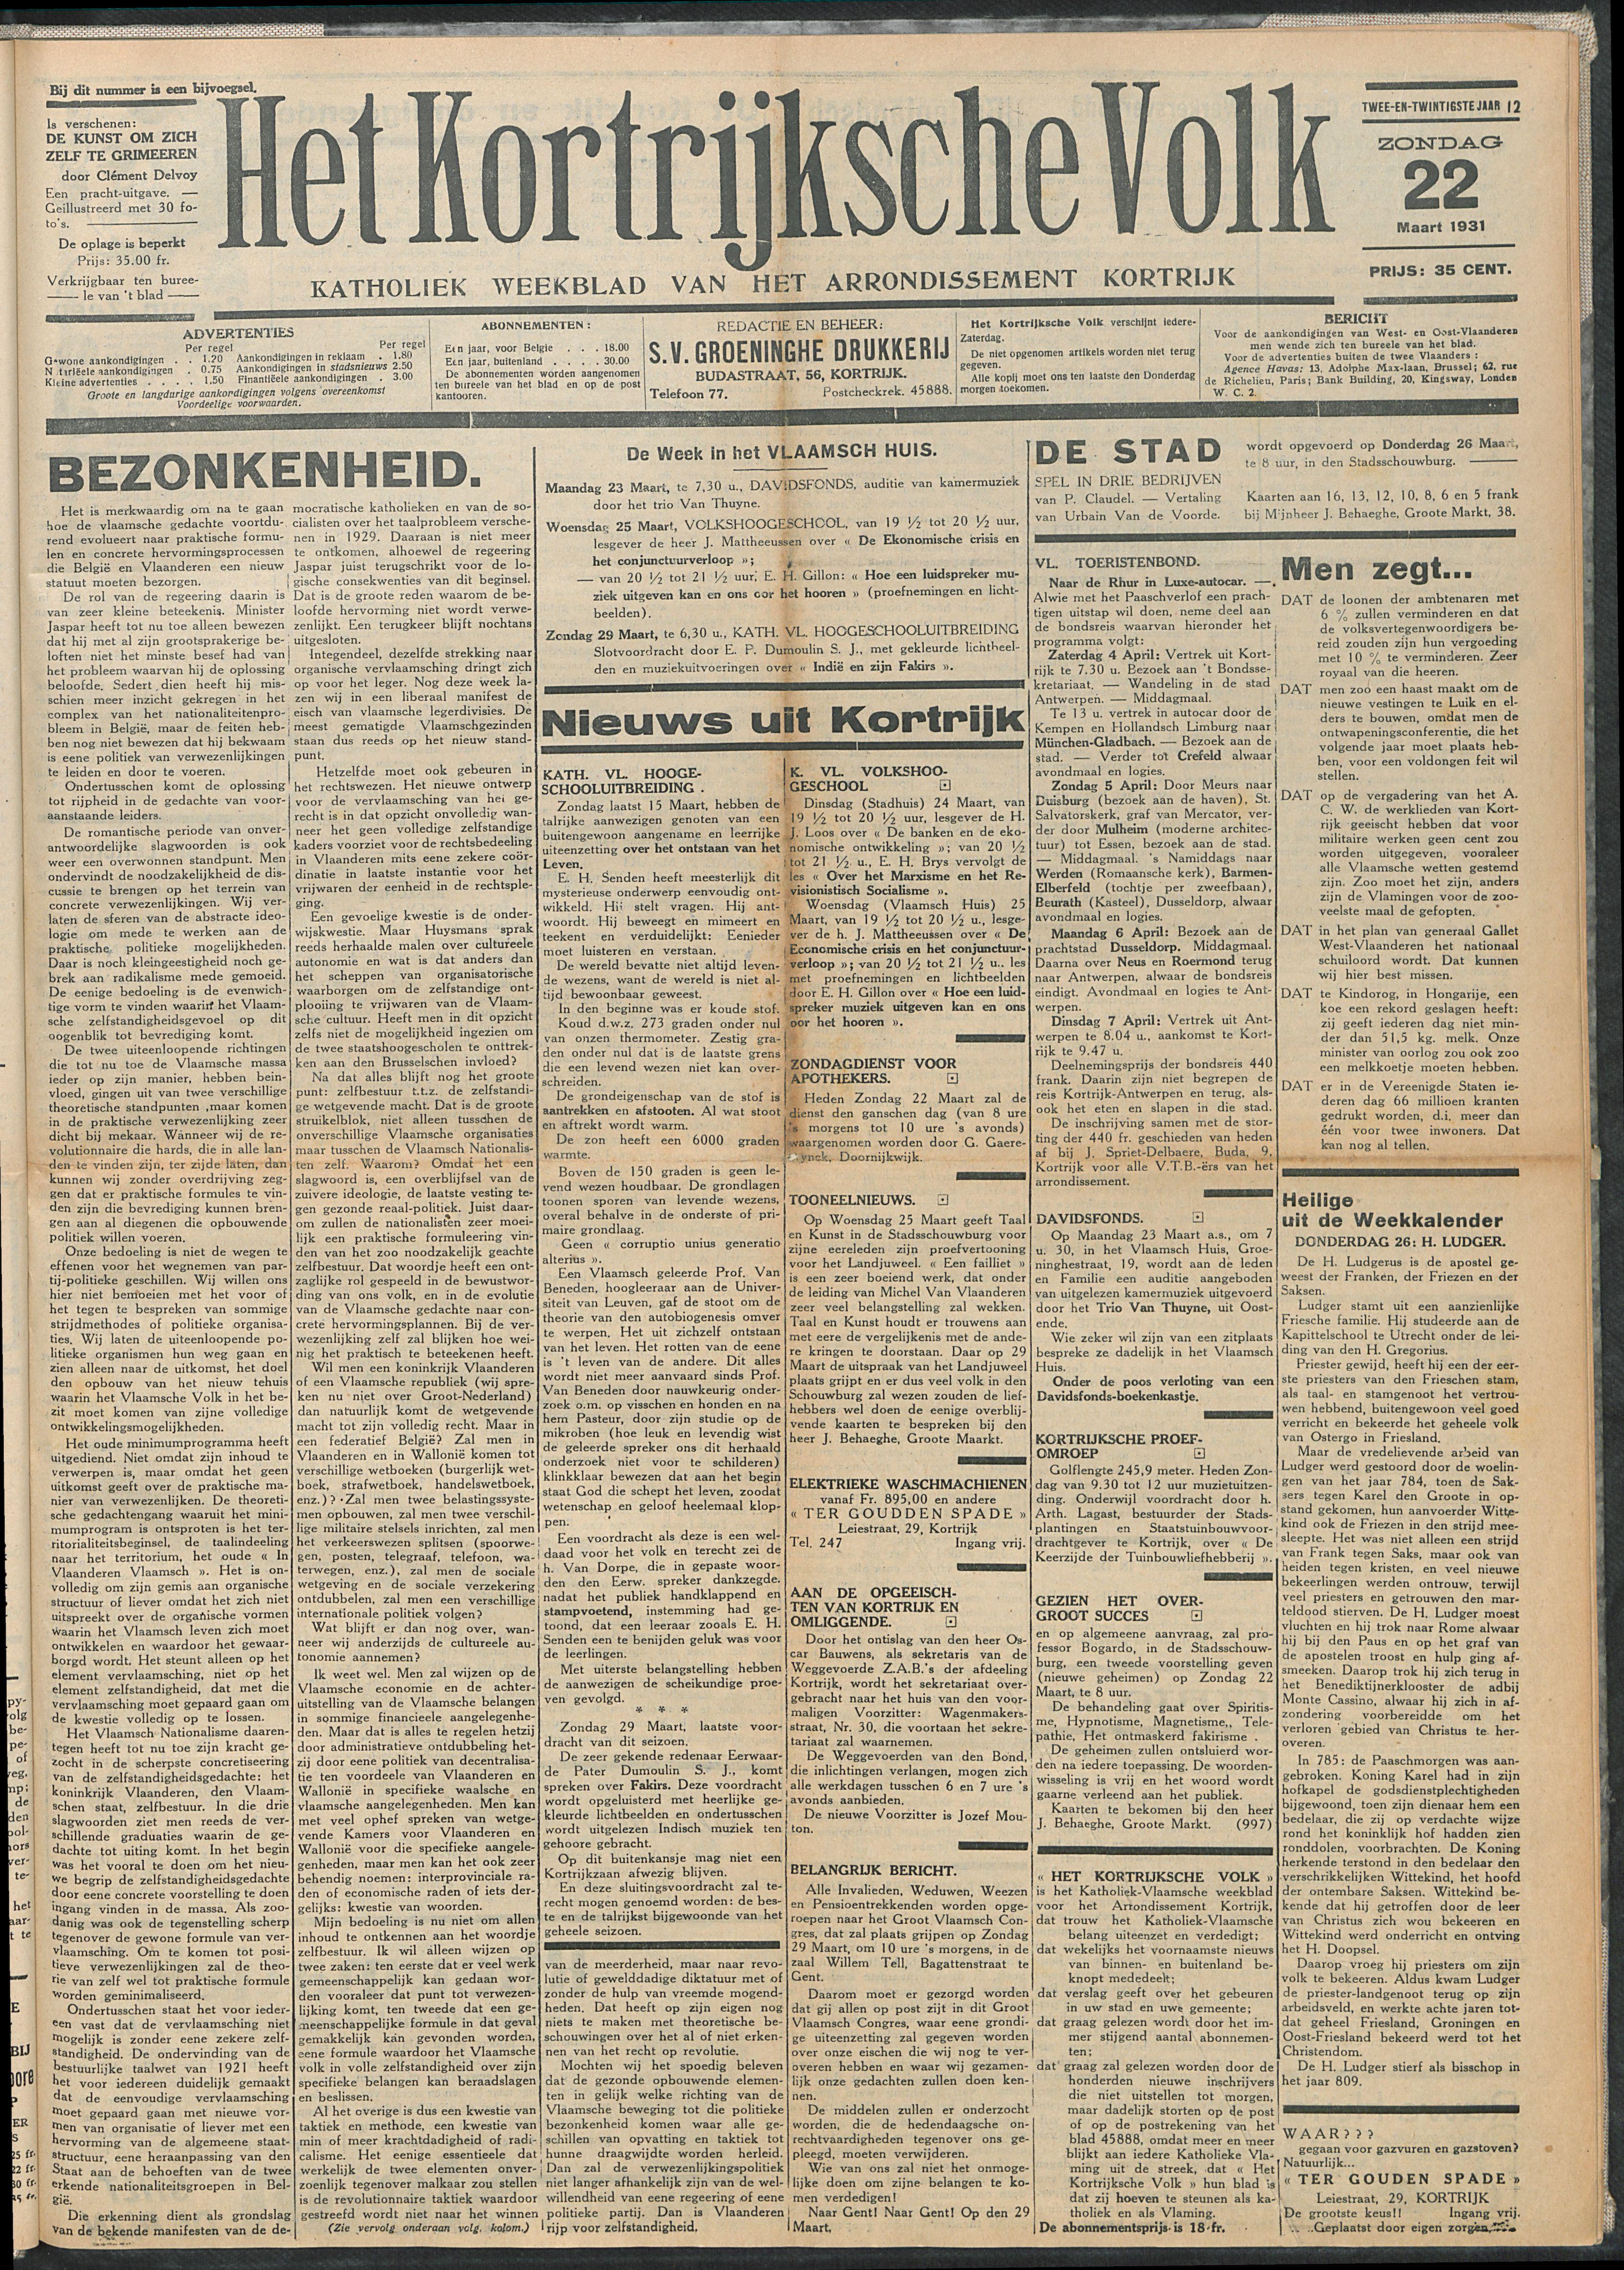 Het Kortrijksche Volk 1931-03-22 p1